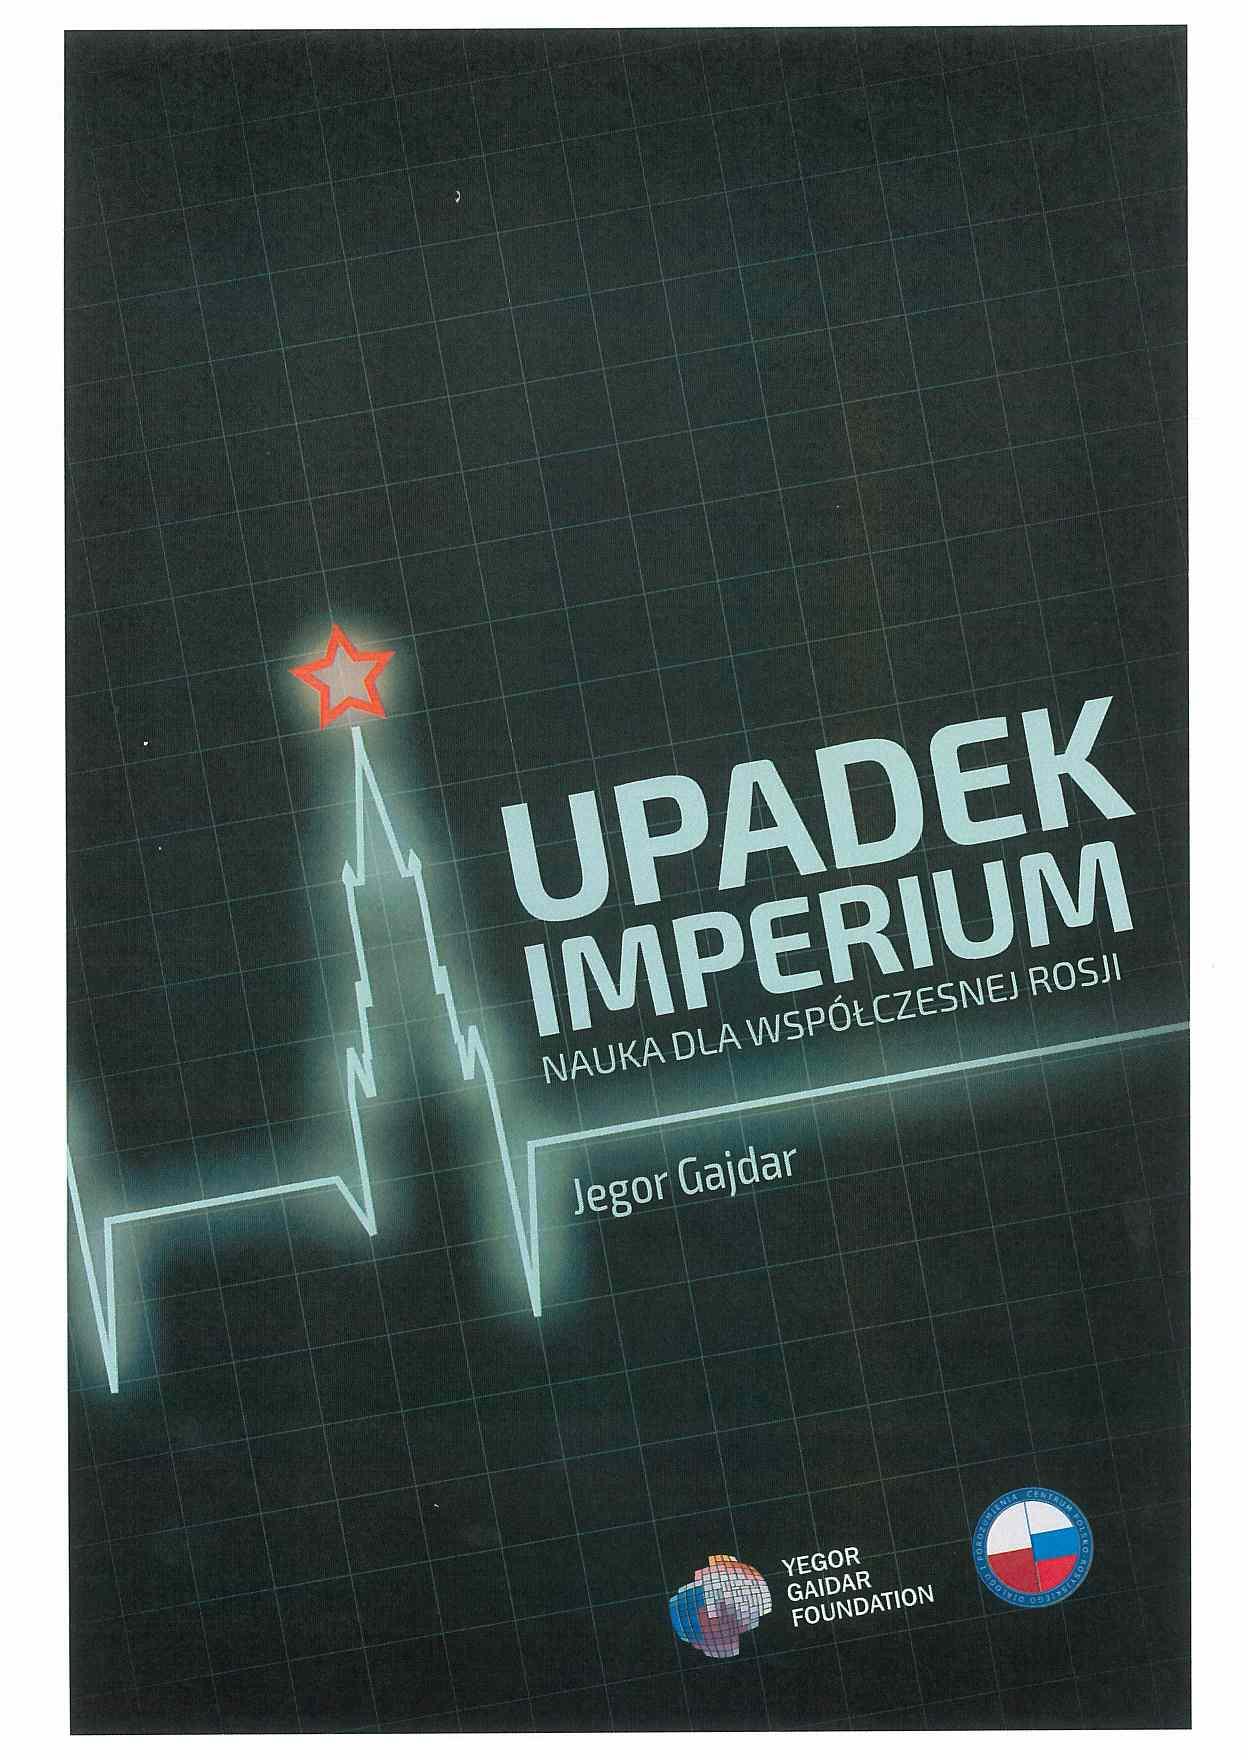 Upadek imperium. Nauka dla współczesnej Rosji - Ebook (Książka EPUB) do pobrania w formacie EPUB